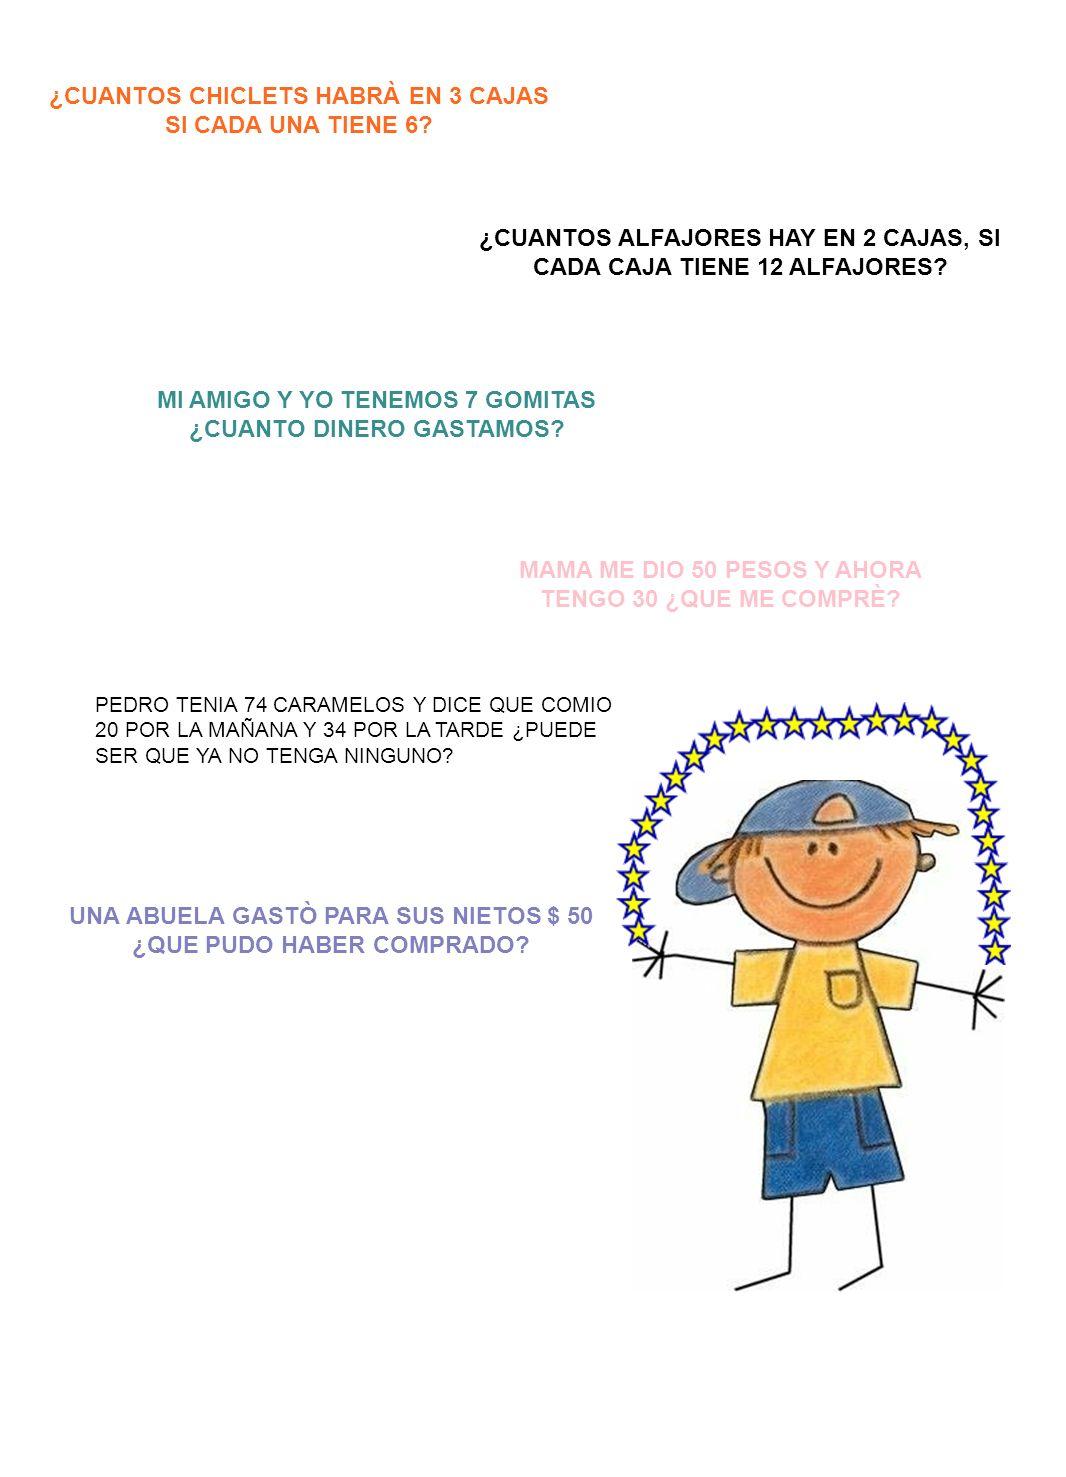 ¿CUANTOS CHICLETS HABRÀ EN 3 CAJAS SI CADA UNA TIENE 6